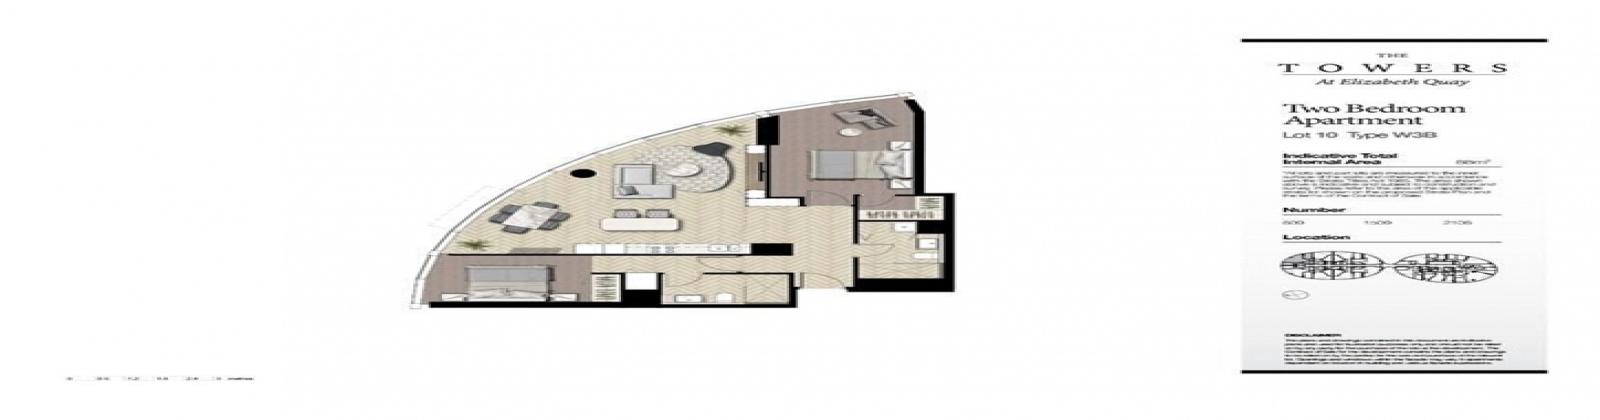 2911 Courtmead Dell, Perth Perth, Arizona, 2 Bedrooms Bedrooms, 9 Rooms Rooms,2 BathroomsBathrooms,Apartment,For Sale,1005